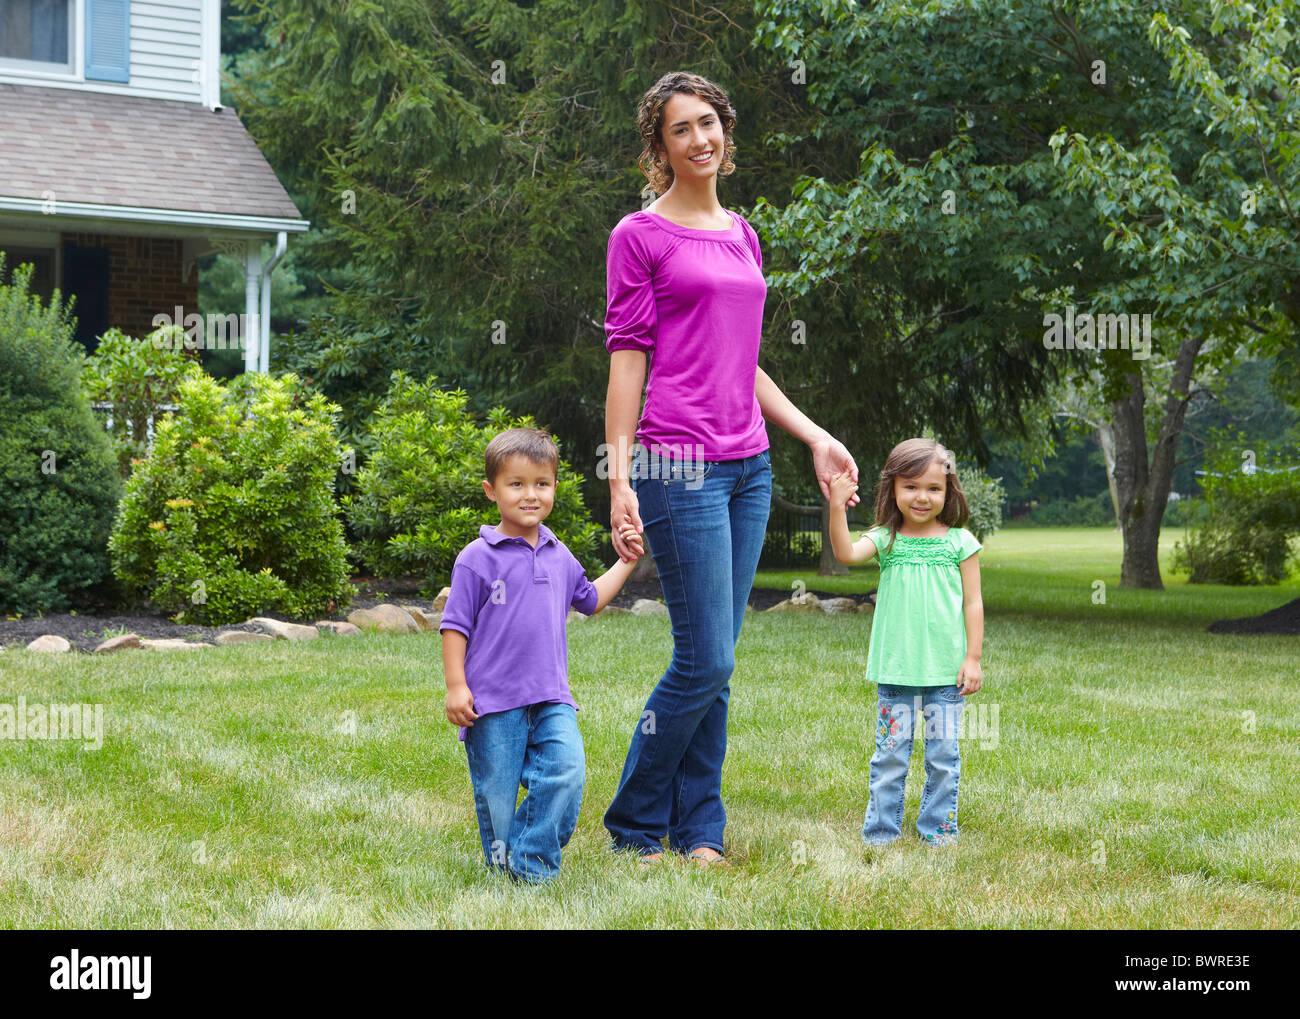 Mère tenant la main de son fils et sa fille dans la cour avant Banque D'Images